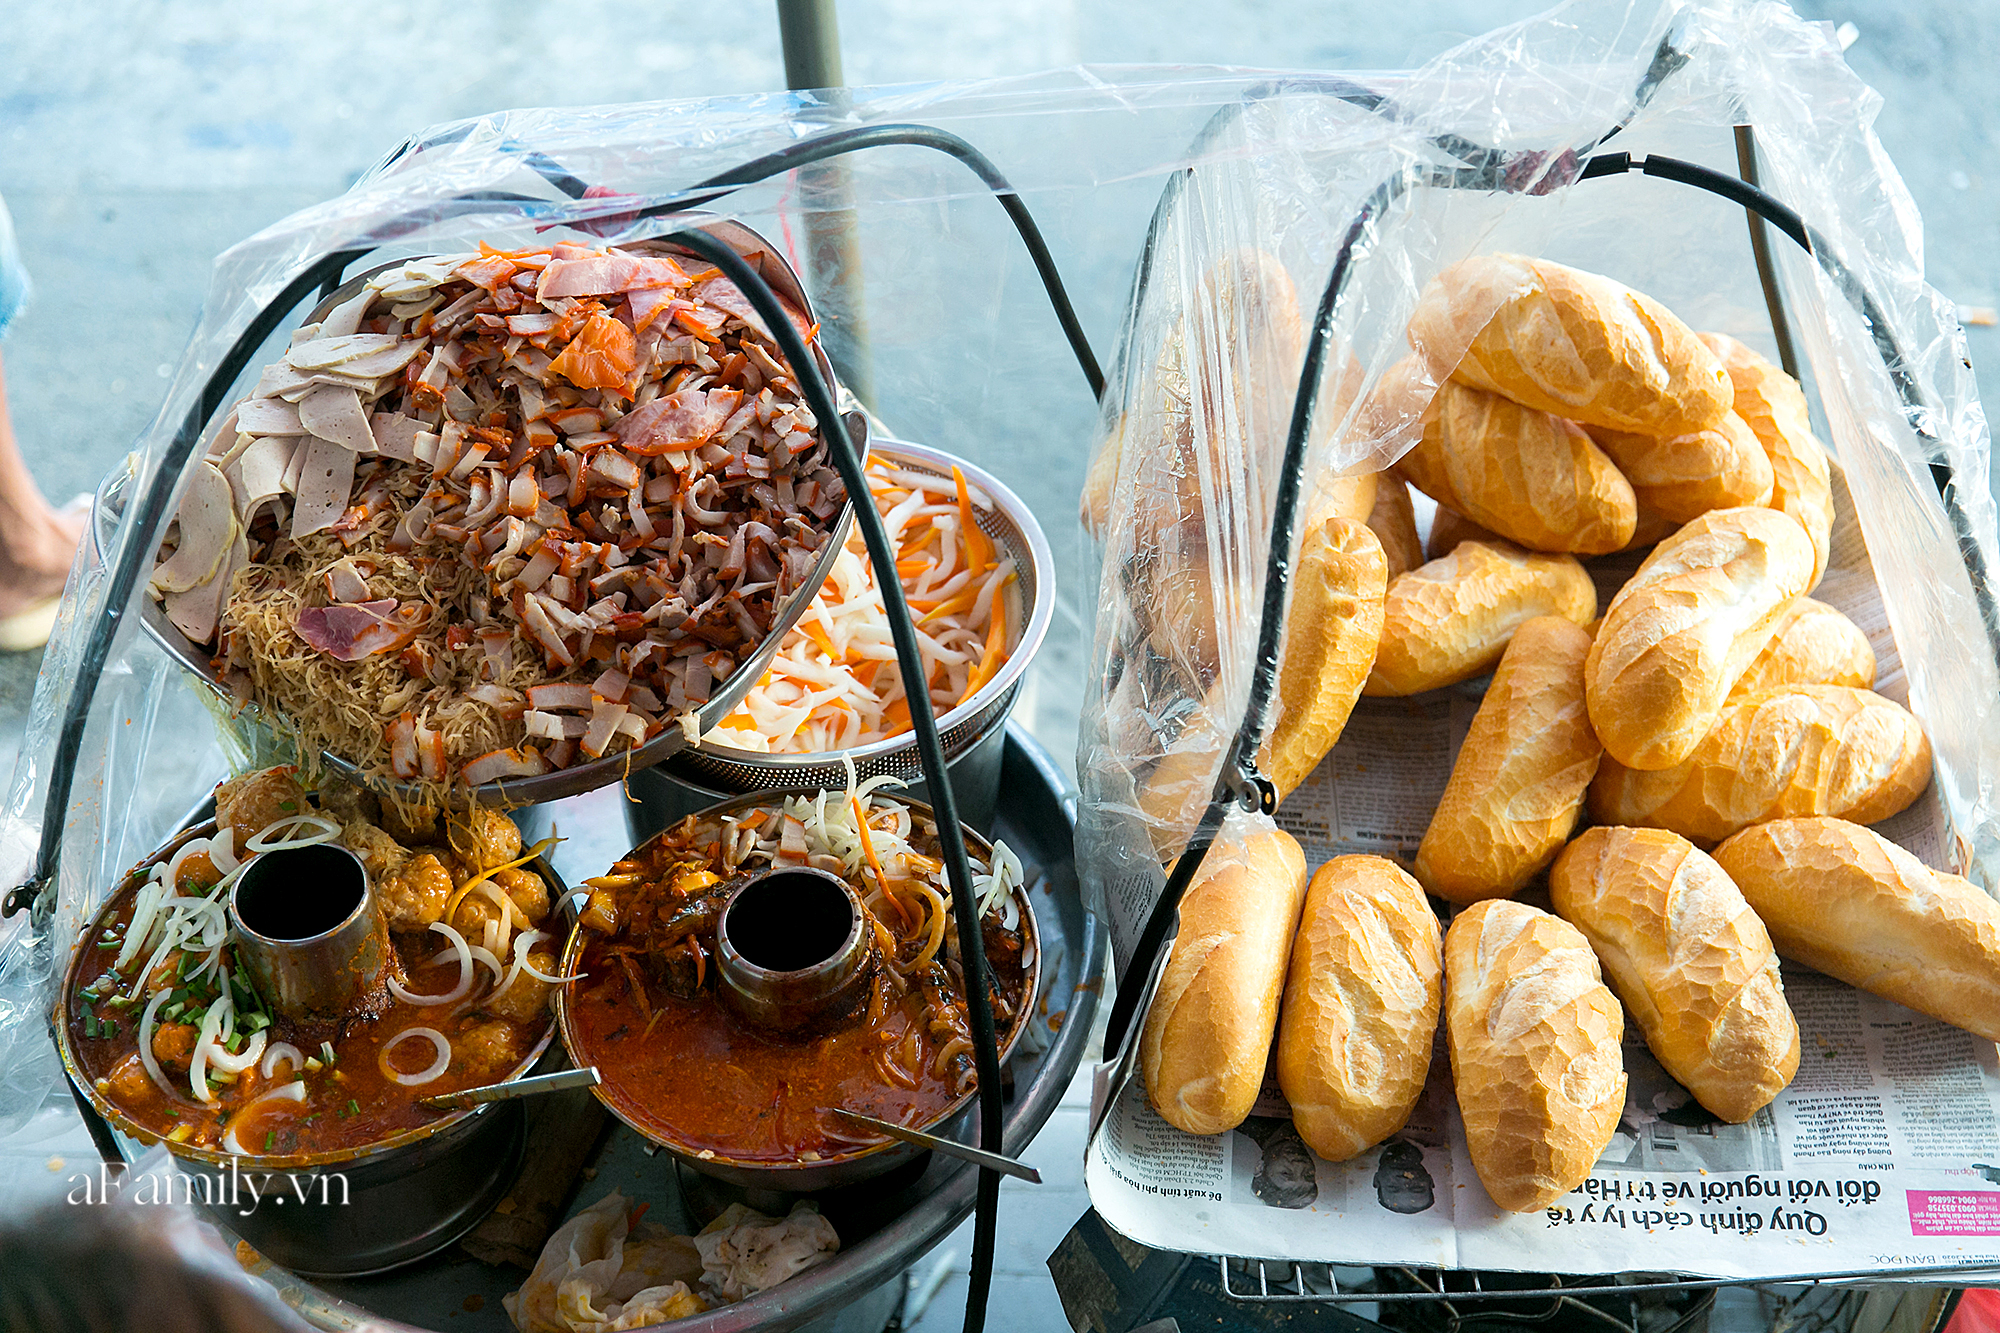 """""""Nuốt nước miếng"""" không kịp với 7 món ăn từ ấm đến nóng dành cho những ngày Sài Gòn mát trời hiếm hoi lại hay thèm ăn như thế này! - Ảnh 6."""